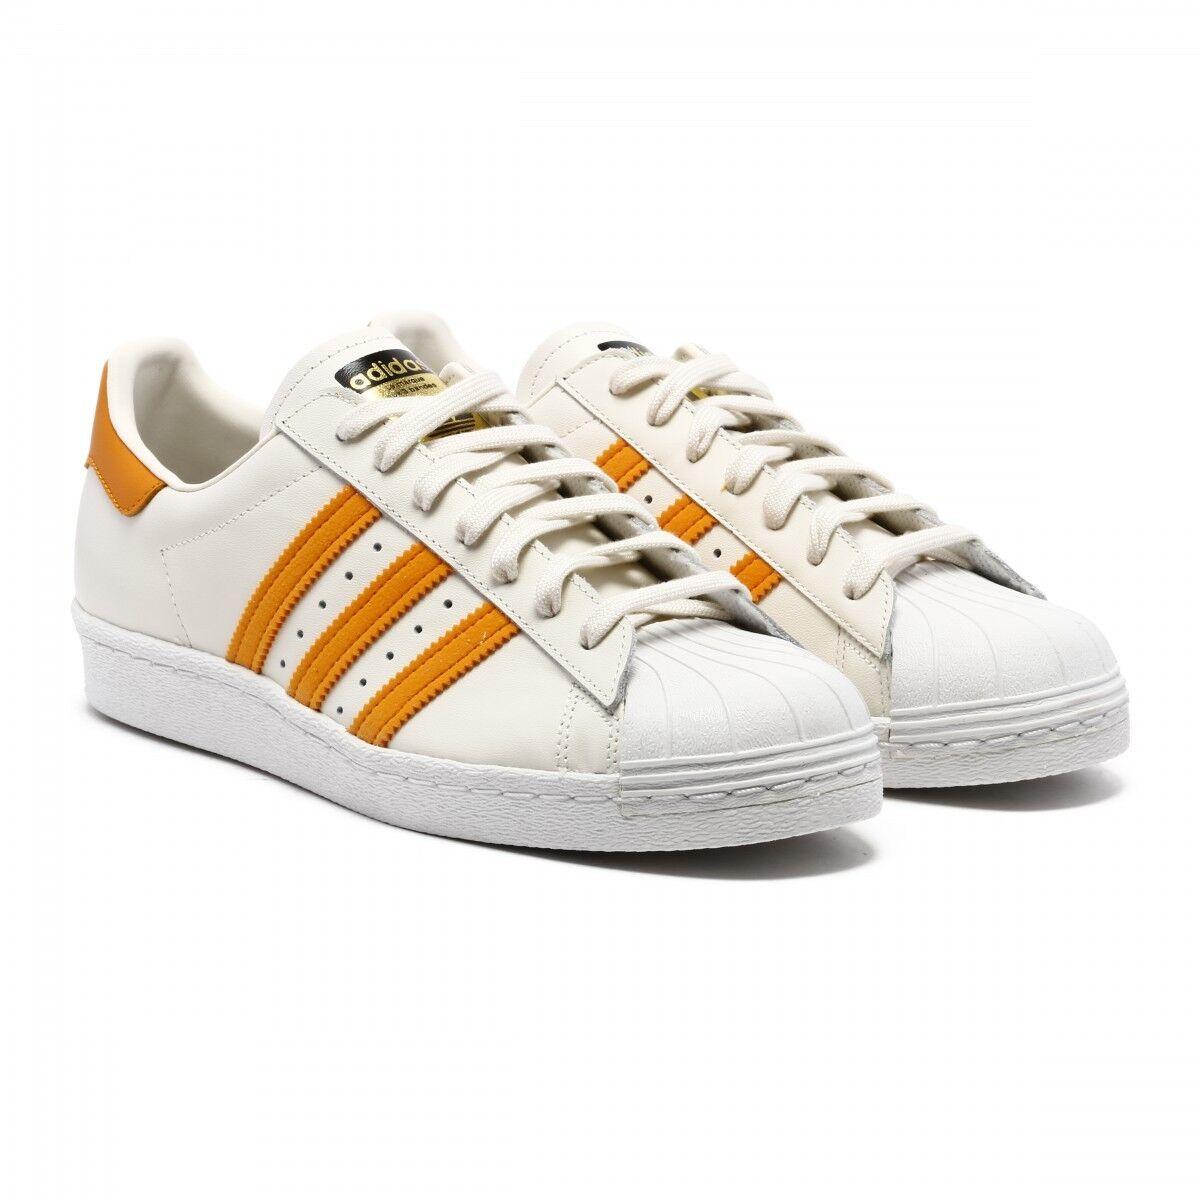 80s men's shoes - HD1200×1200